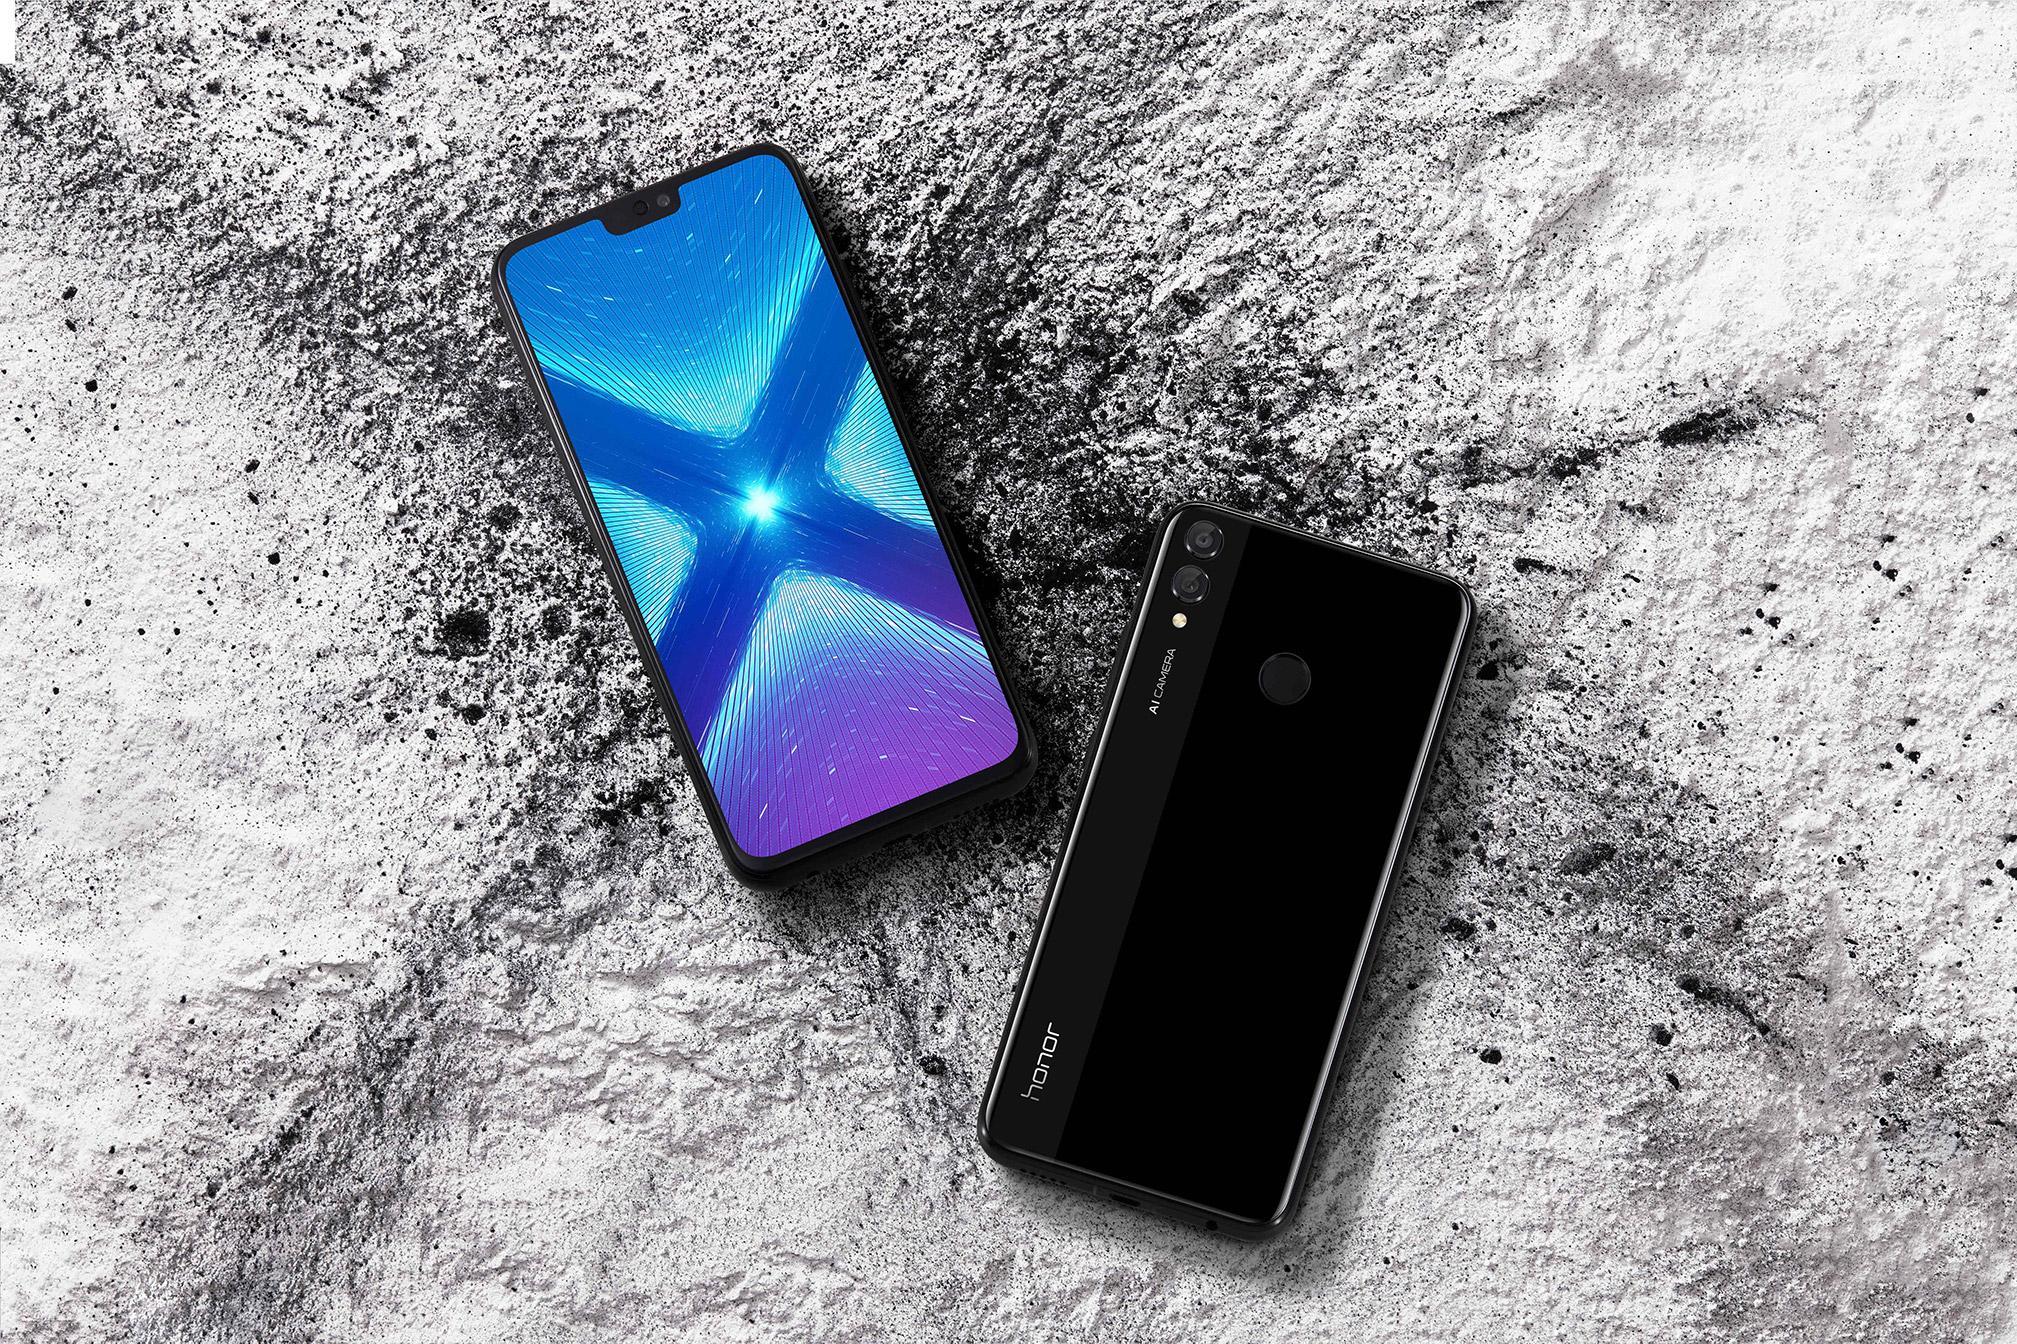 Vodafone Online Mağazasında Honor 8X ve Honor 8S için İndirimli Fiyat